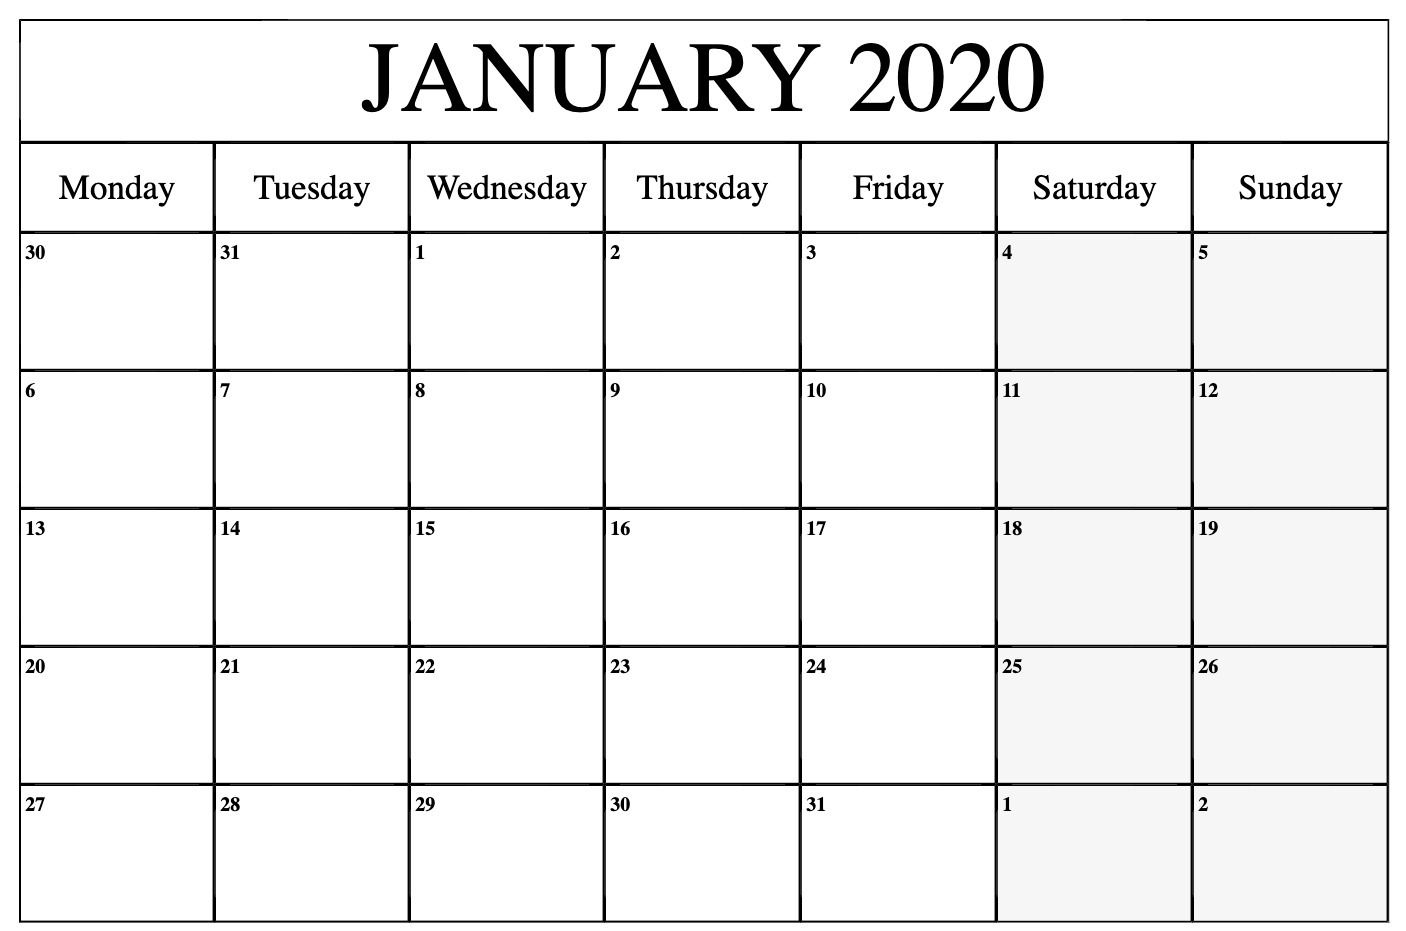 January 2020 Calendar Printable Monday | Printable Calendar intended for 2020 Calendar Printable Monday Sunday